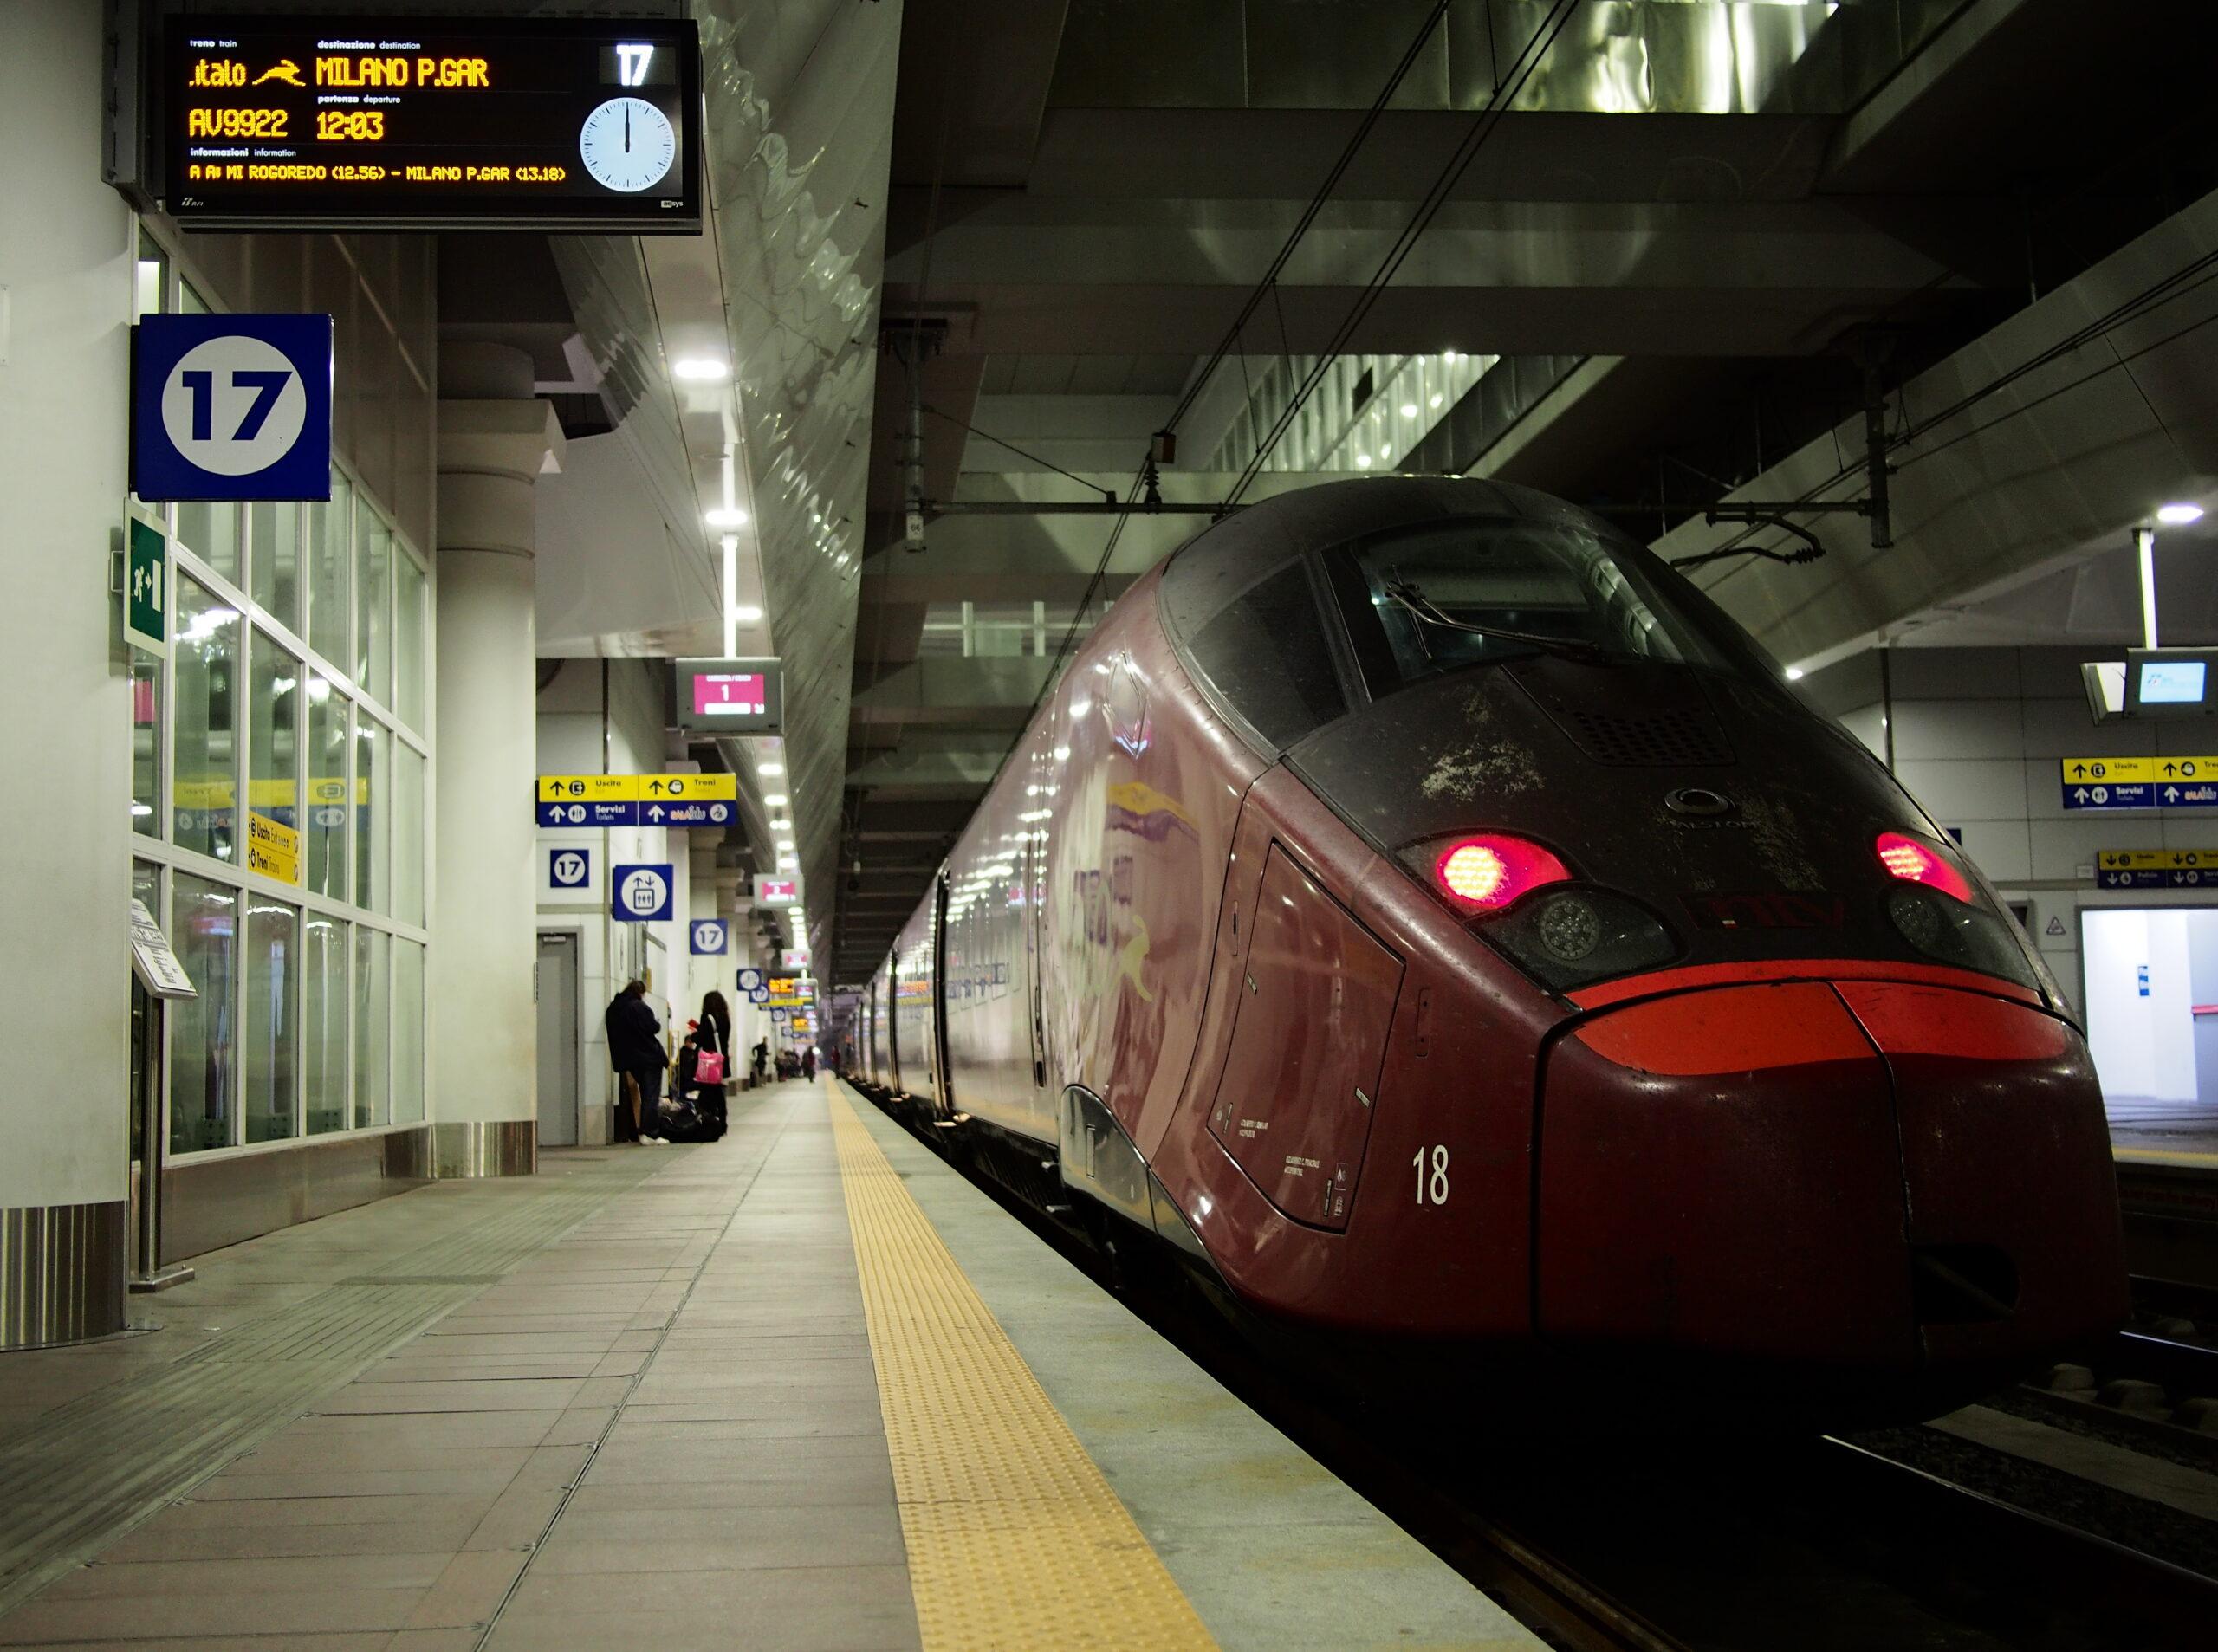 Stazione ferroviaria di Bologna